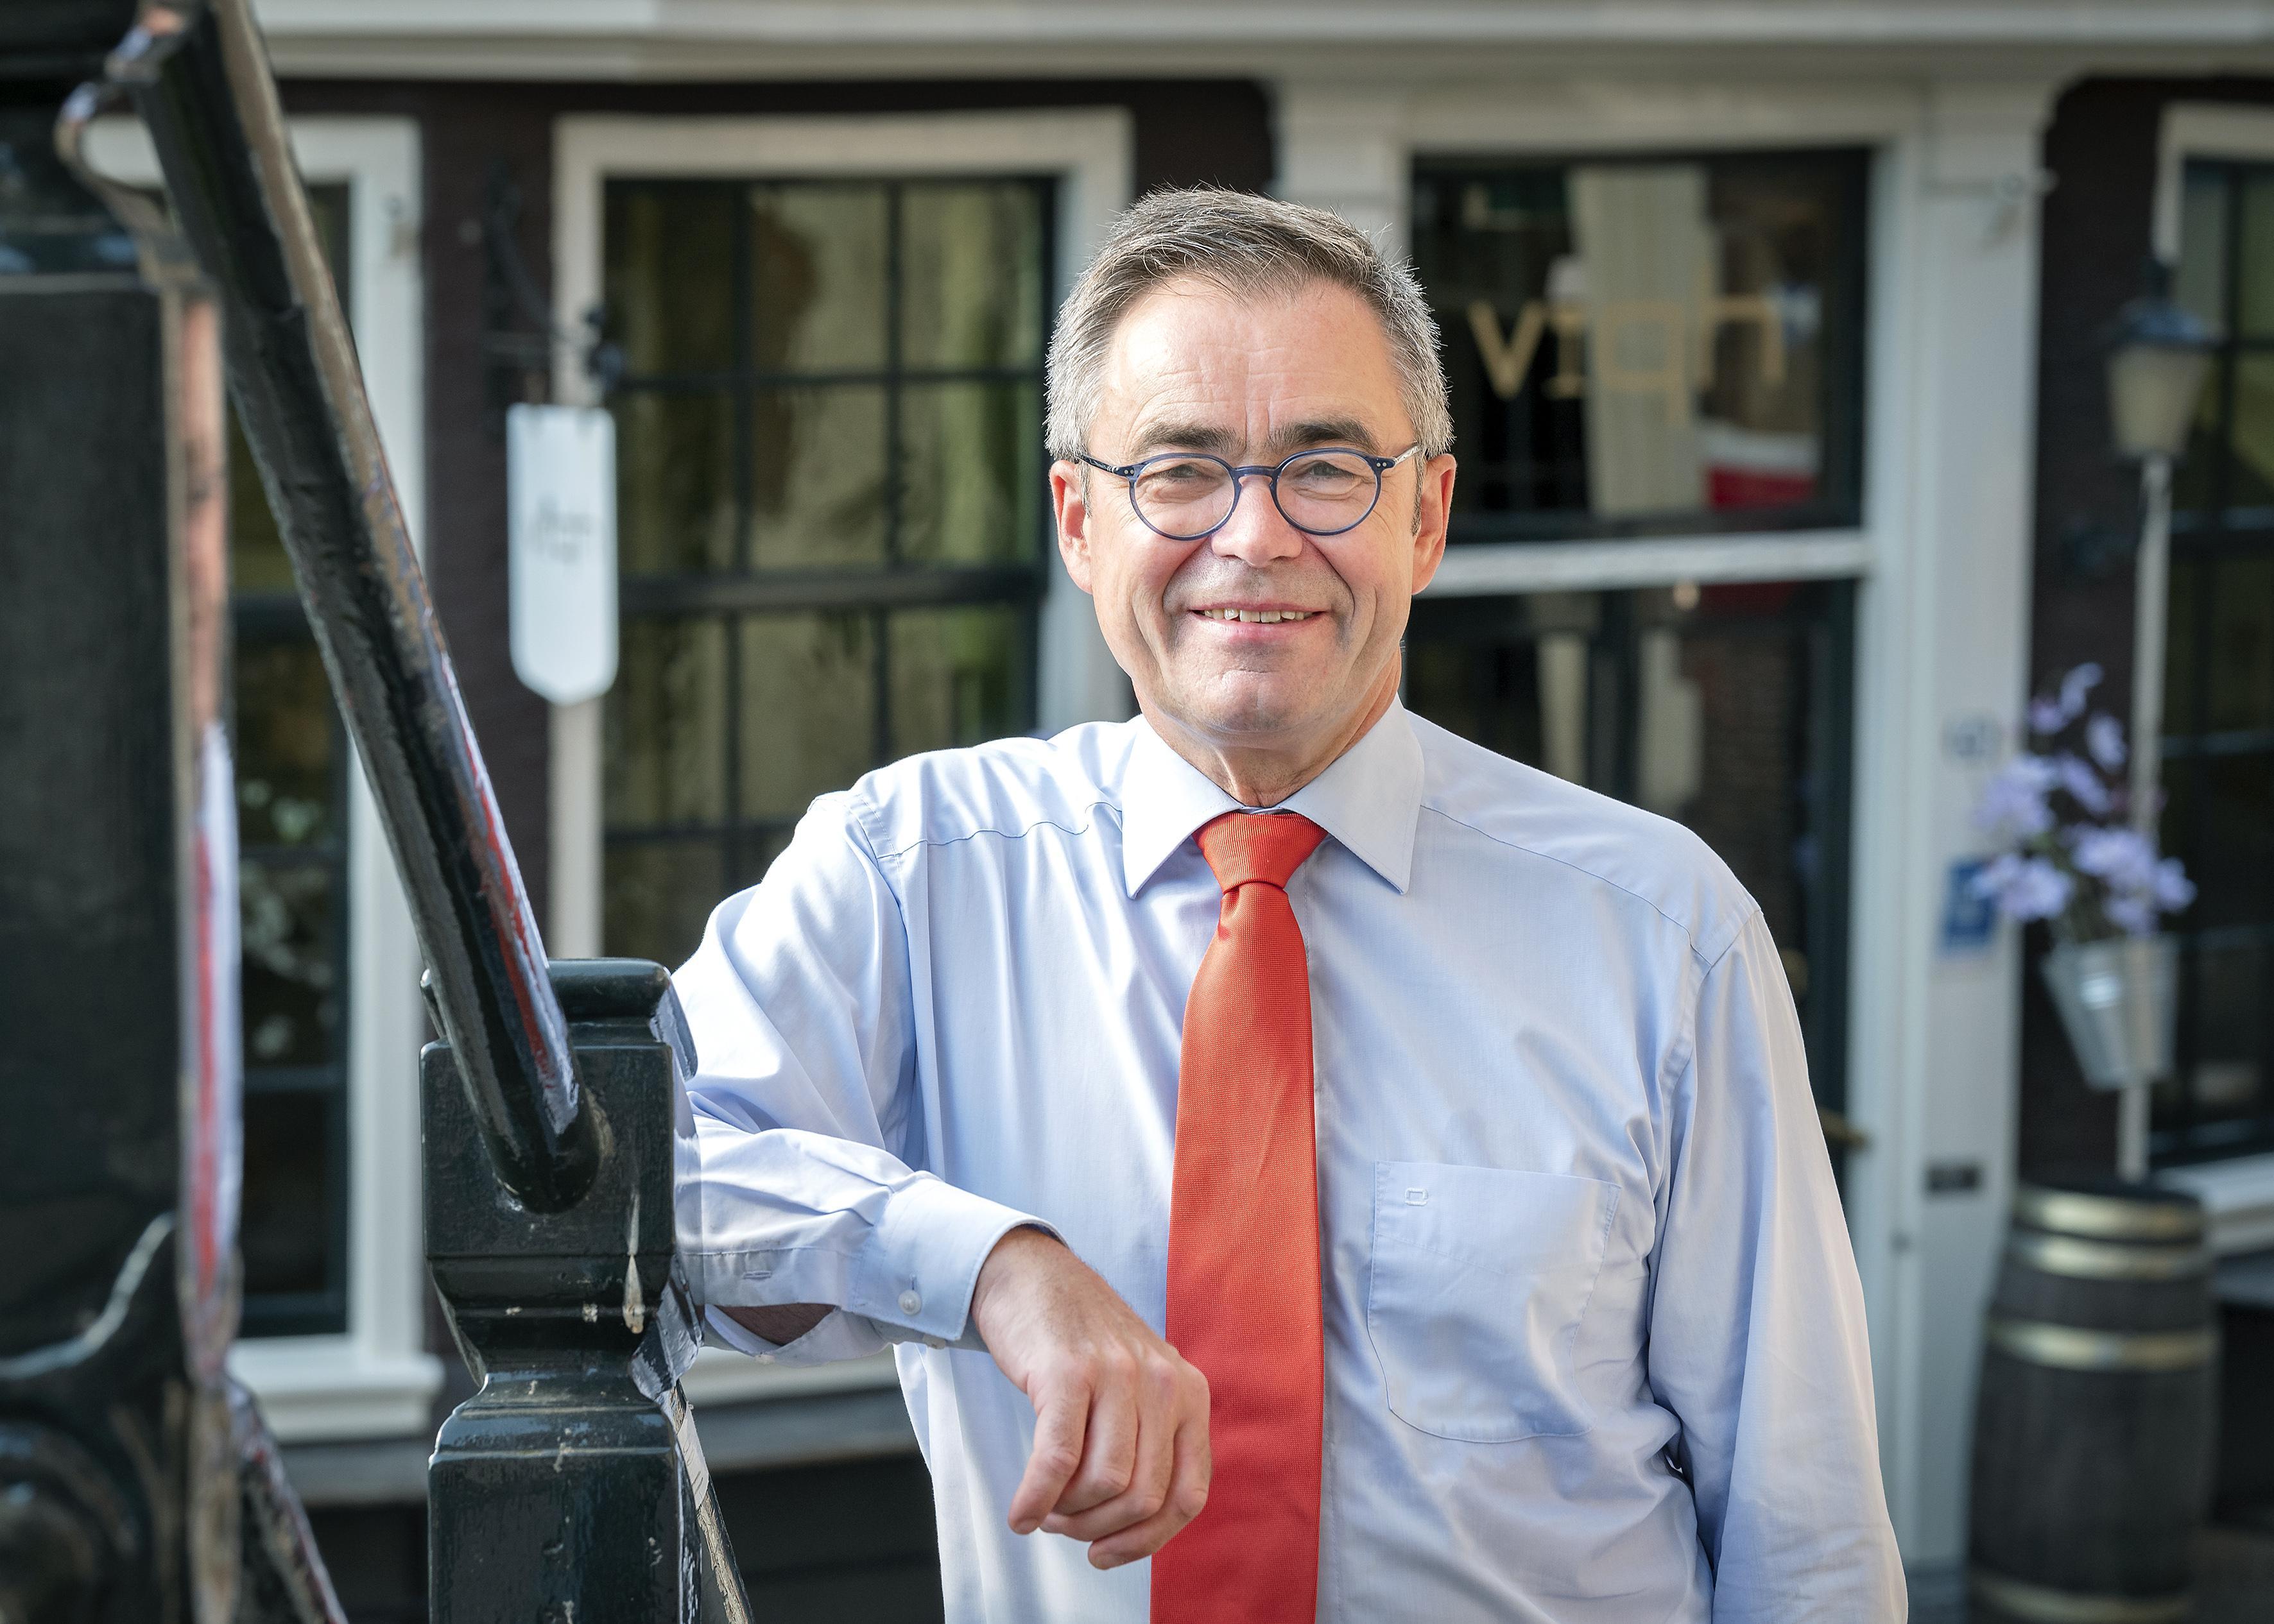 Haarlemse burgemeester krijgt tik op de vingers om coronarel: gemeenteraad neemt motie van treurnis aan